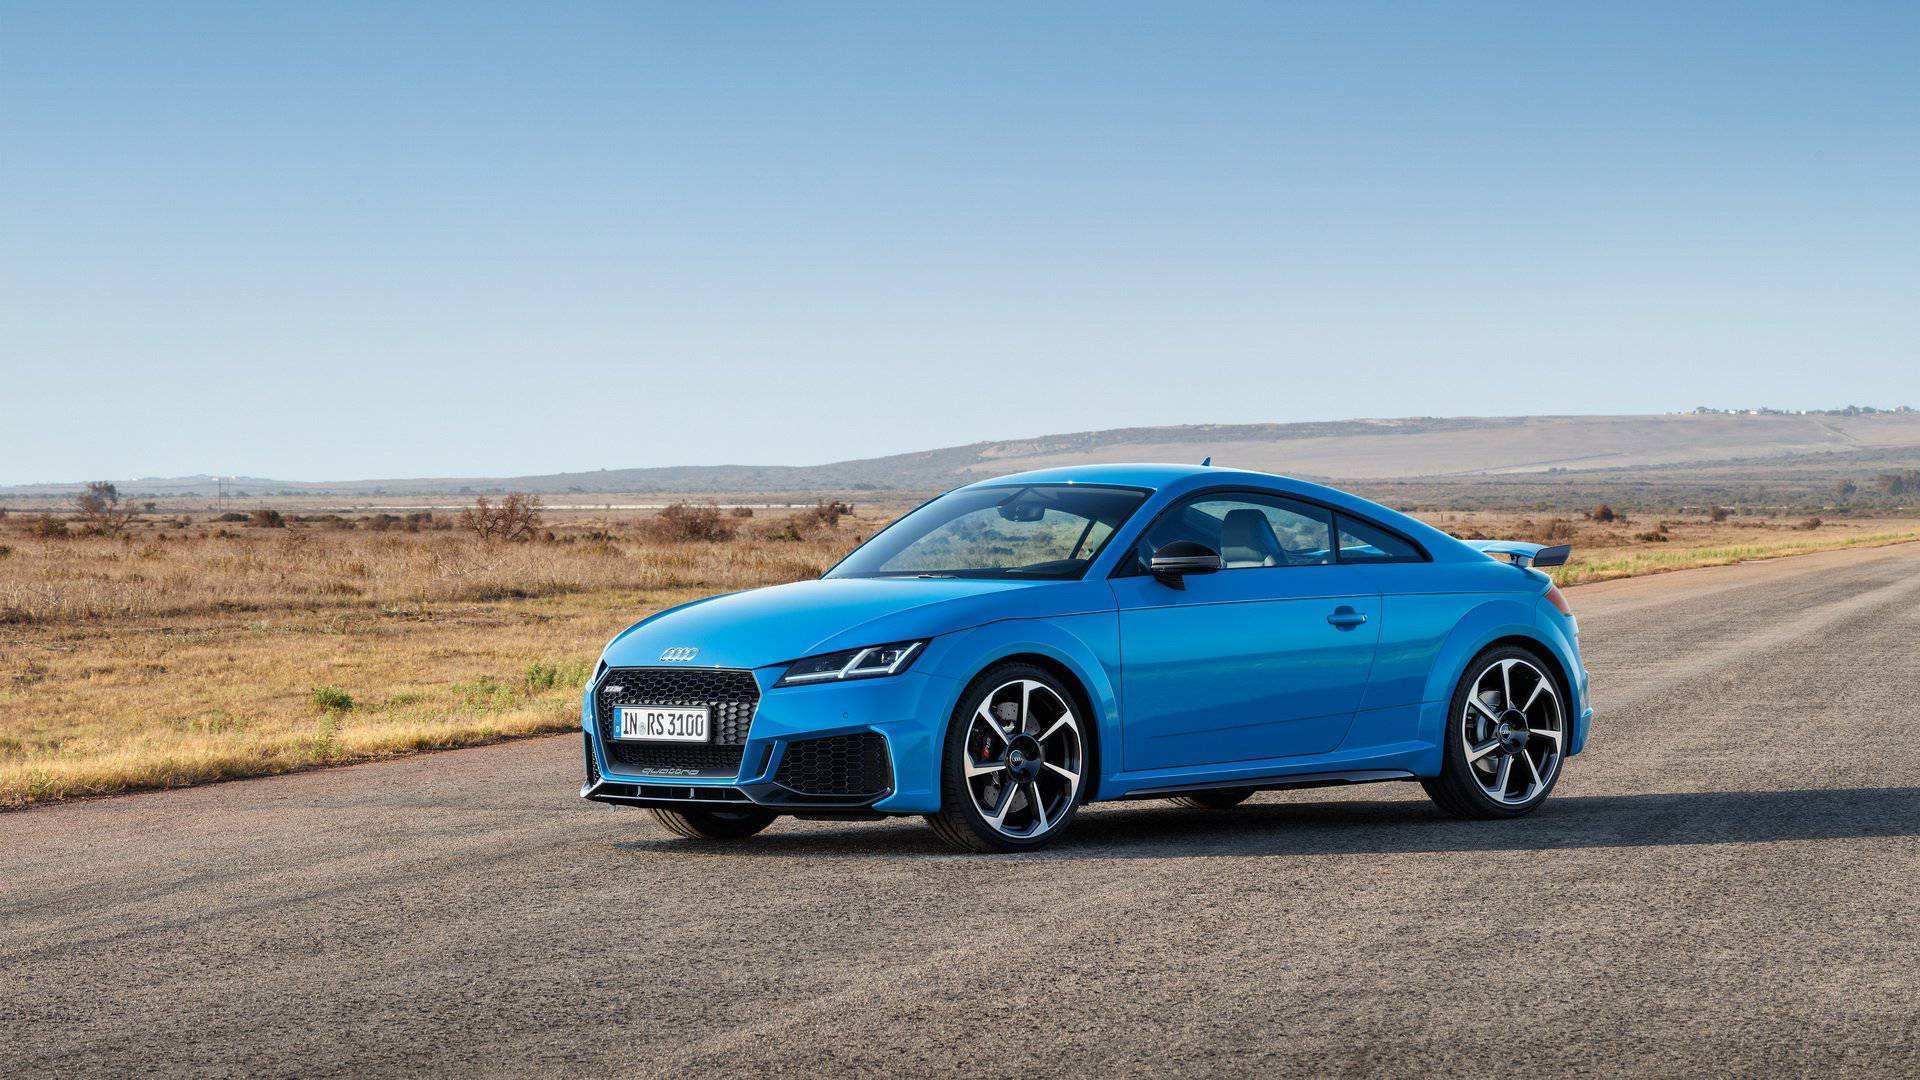 77 Gallery of Audi Tt Roadster 2020 Release Date by Audi Tt Roadster 2020